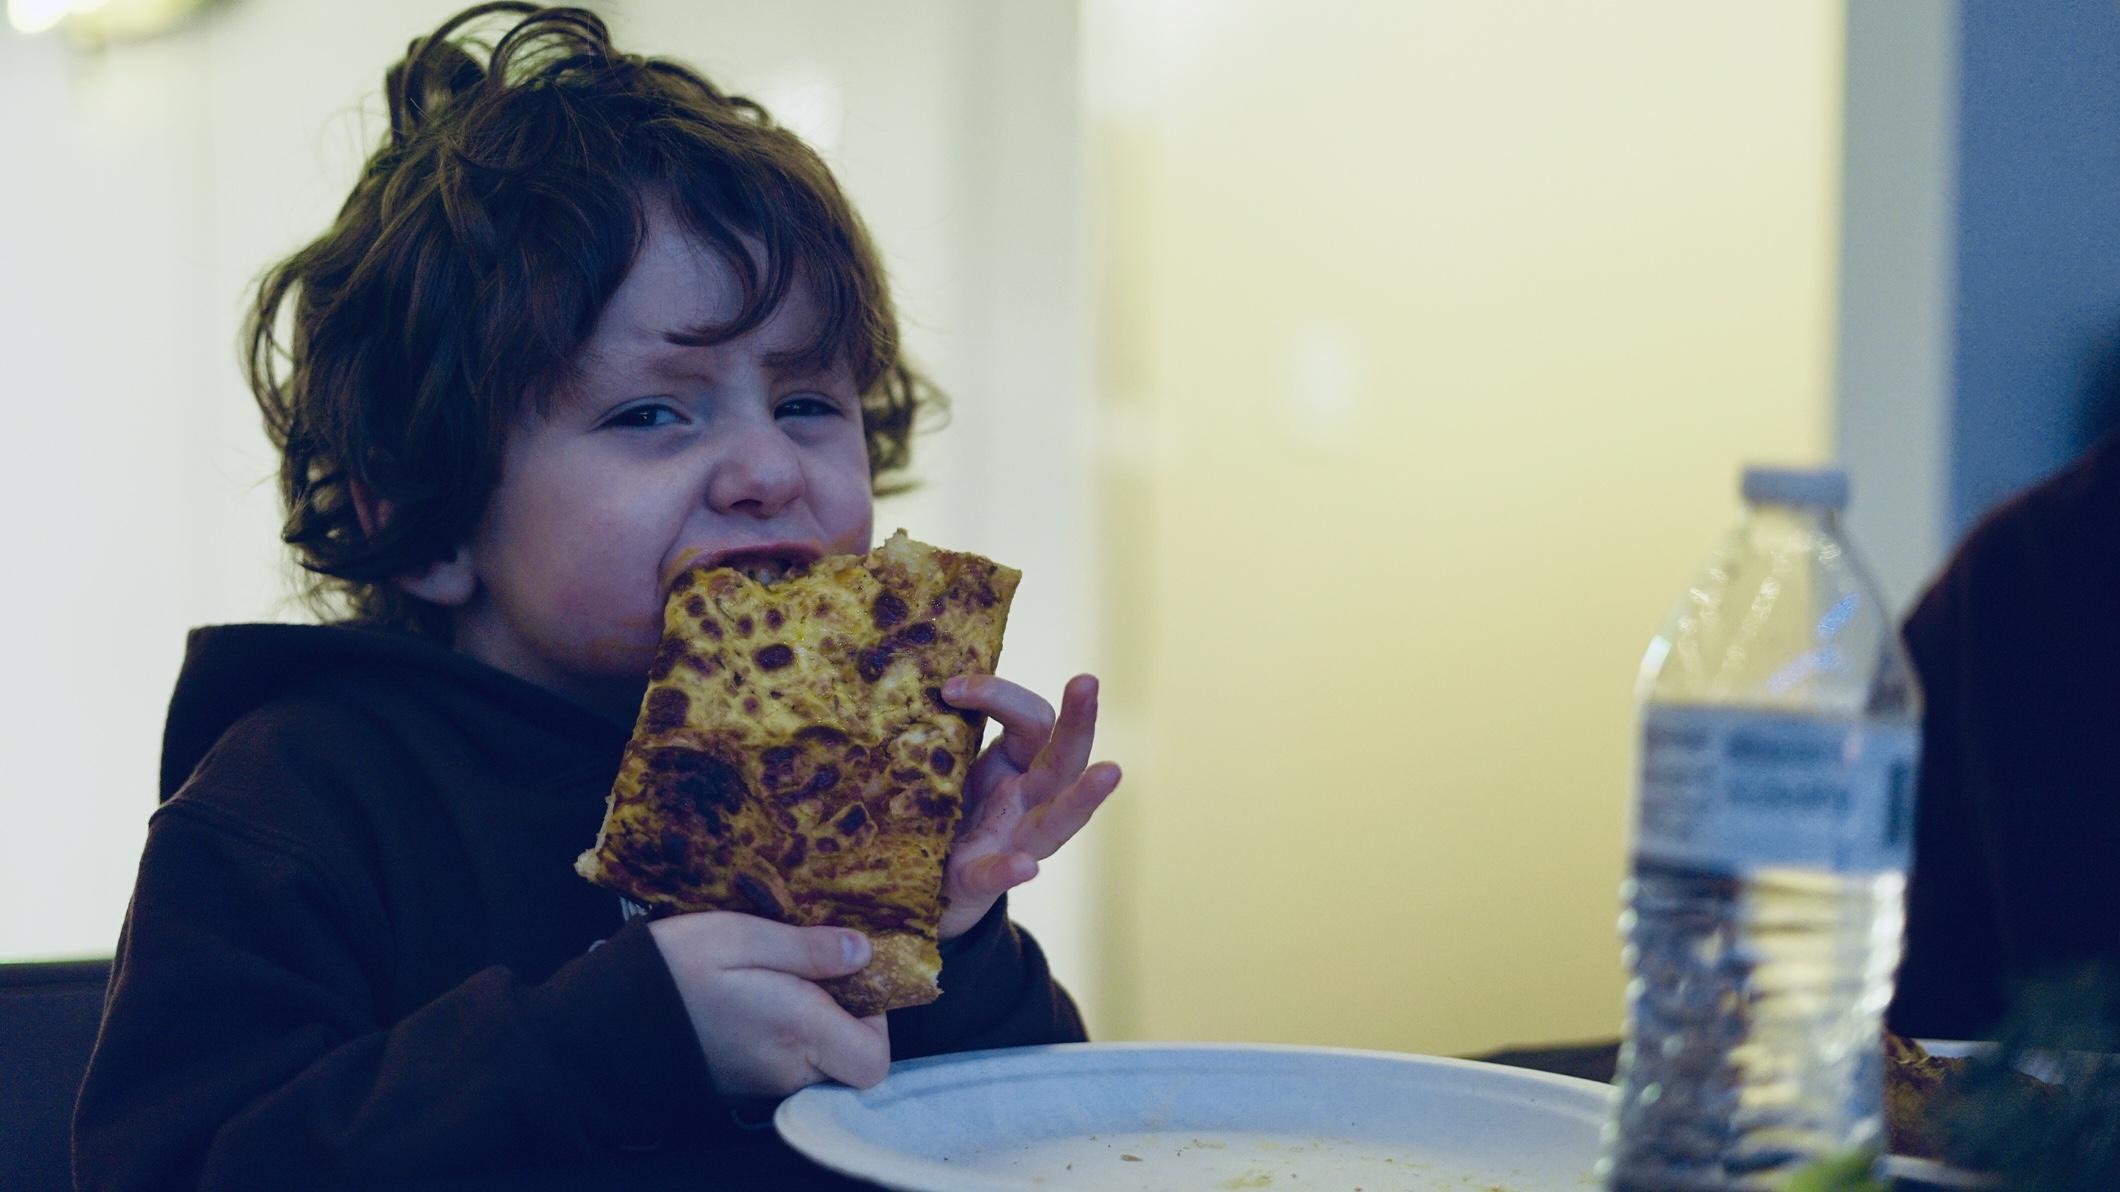 pizzapopup-dsc03459.jpg